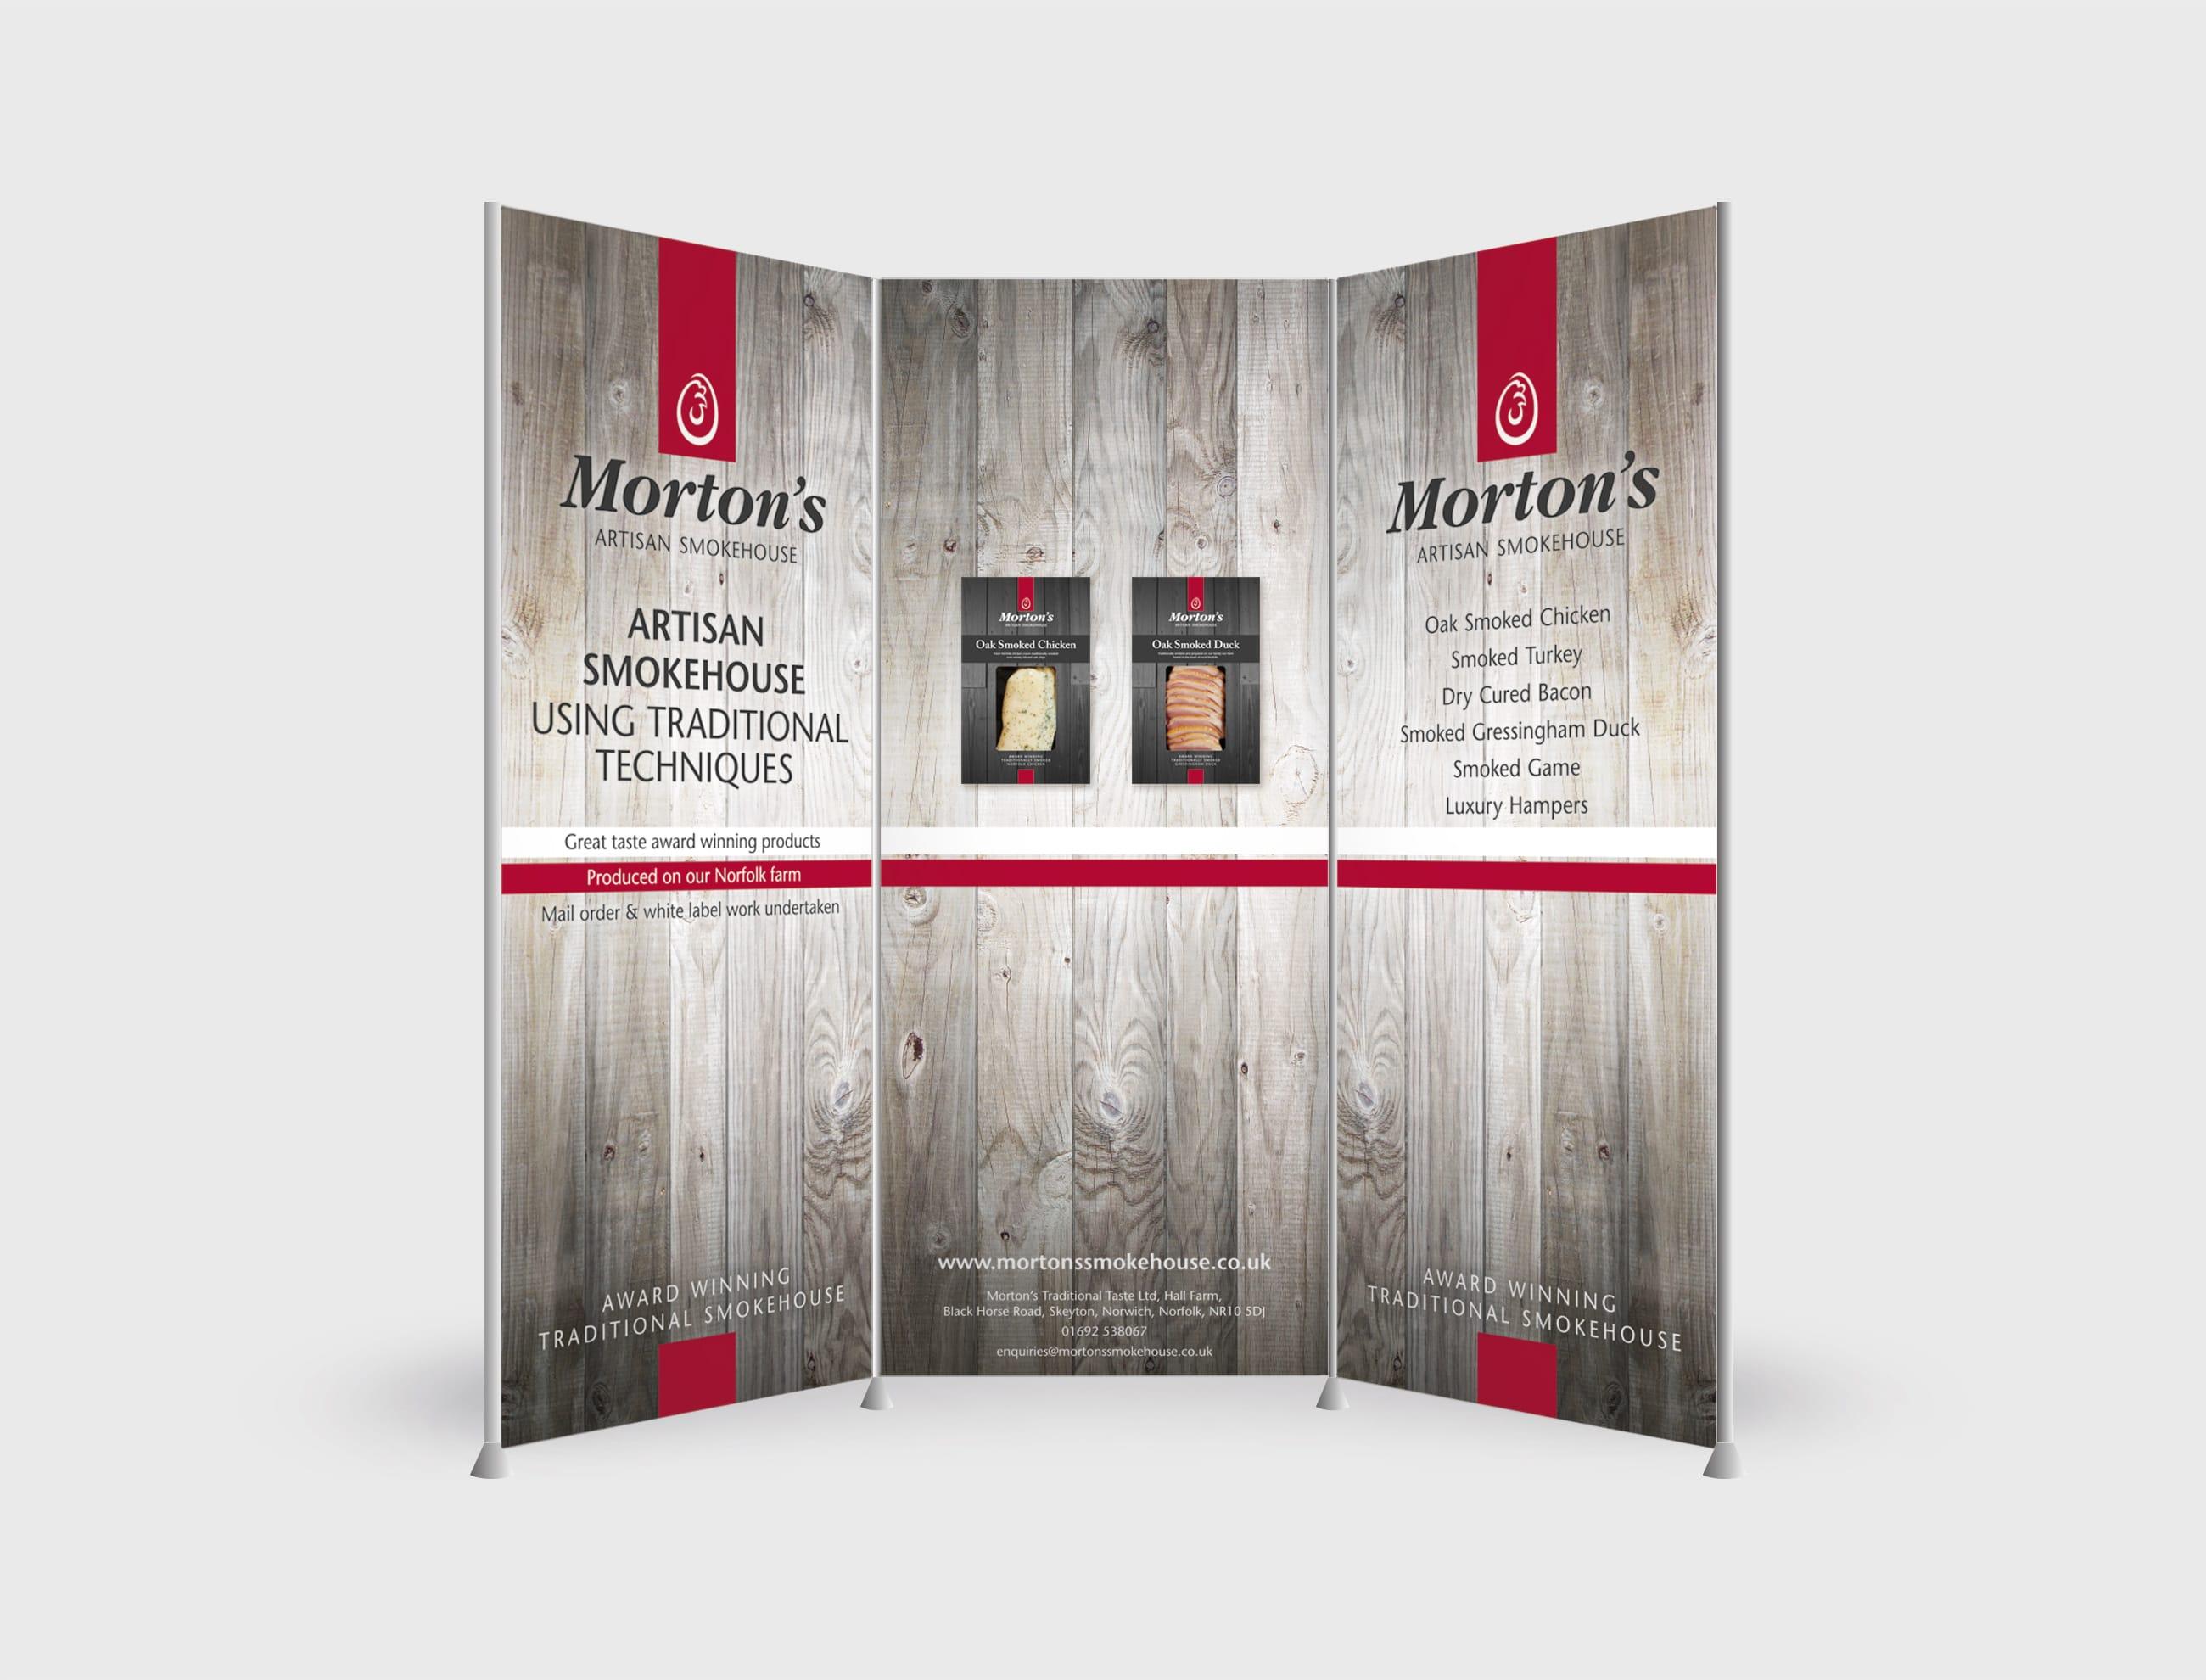 Exhibition Stand Poster Design : Morton s smokehouse exhibition stand design tessellate design studio